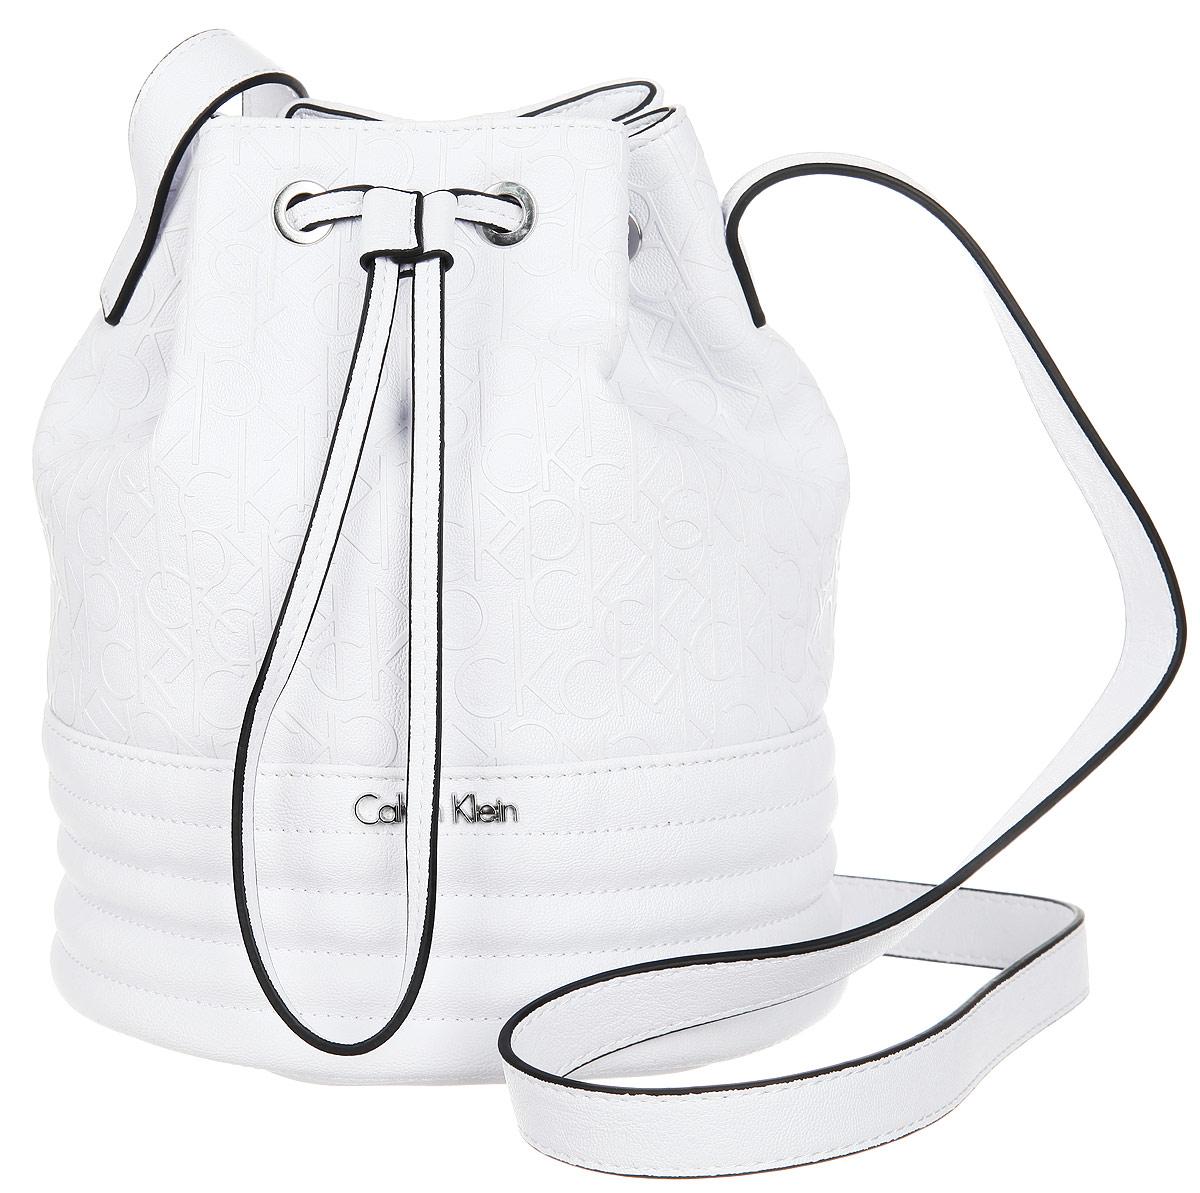 Сумка женская Calvin Klein Jeans, цвет: белый. K60K601189_101023008Стильная женская сумка Calvin Klein Jeans выполнена из полиуретана. Изделие имеет одно основное отделение, закрывающееся на затягивающийся шнурок.Внутри расположен прорезной карман на застежке-молнии. Модель оснащена плечевым регулируемым ремнем. Модный аксессуар позволит вам завершить свой образ и быть неотразимой.